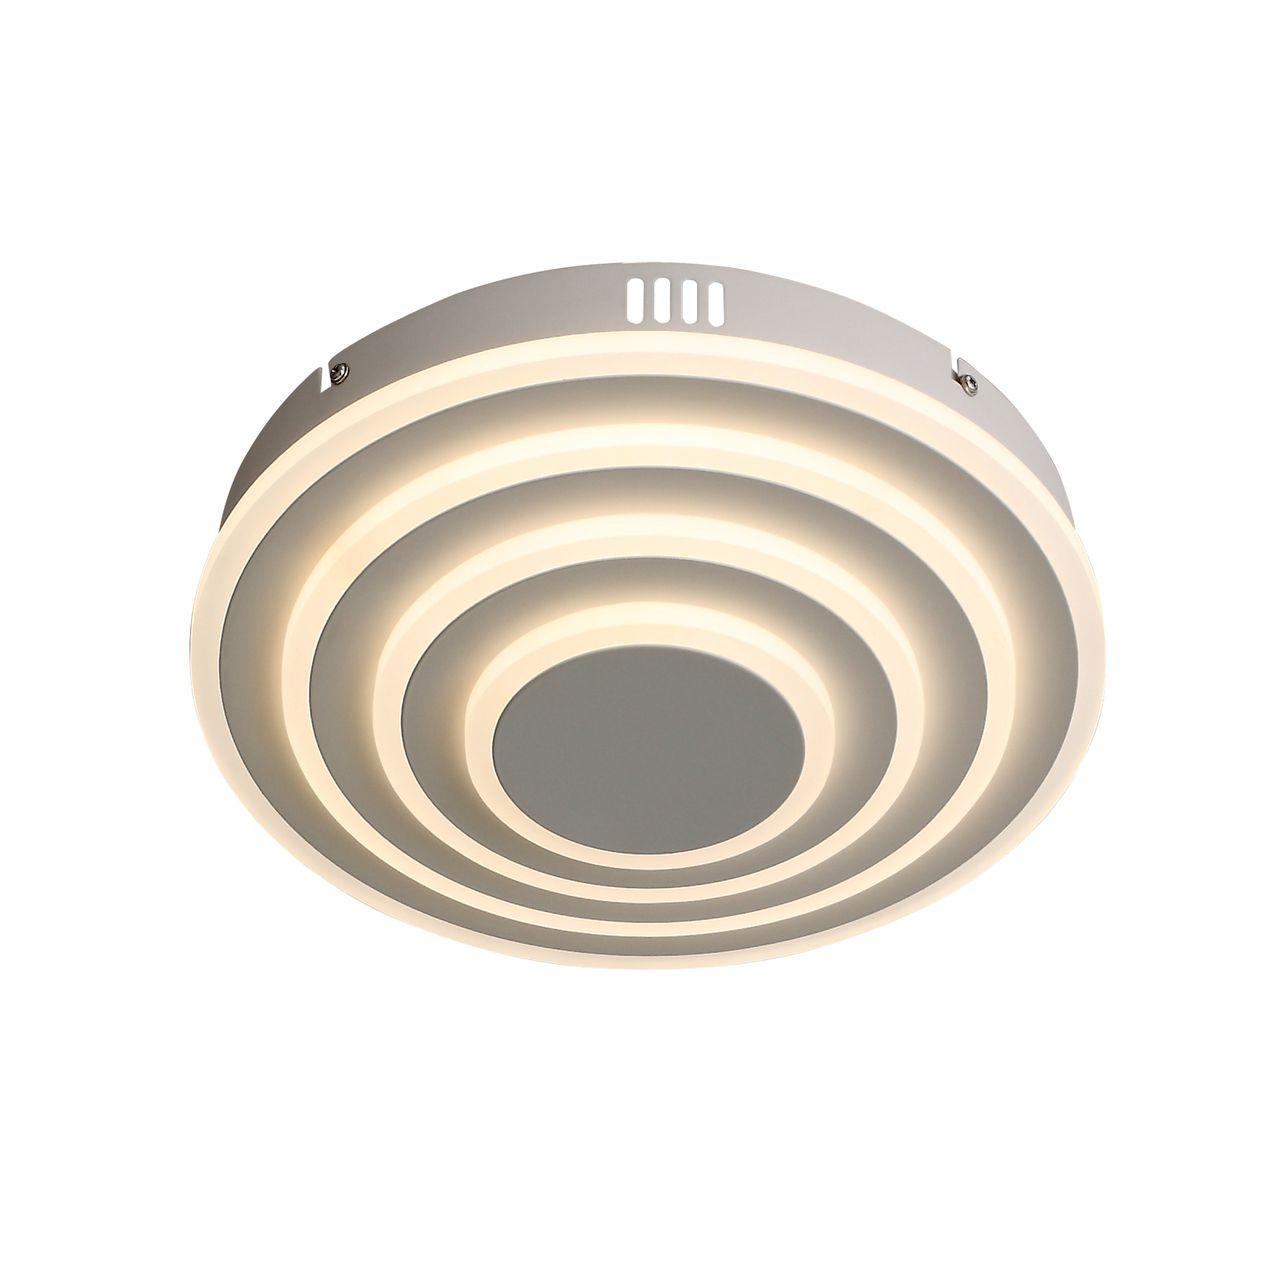 Потолочный светодиодный светильник ST Luce Тorres SL847.502.02 фото